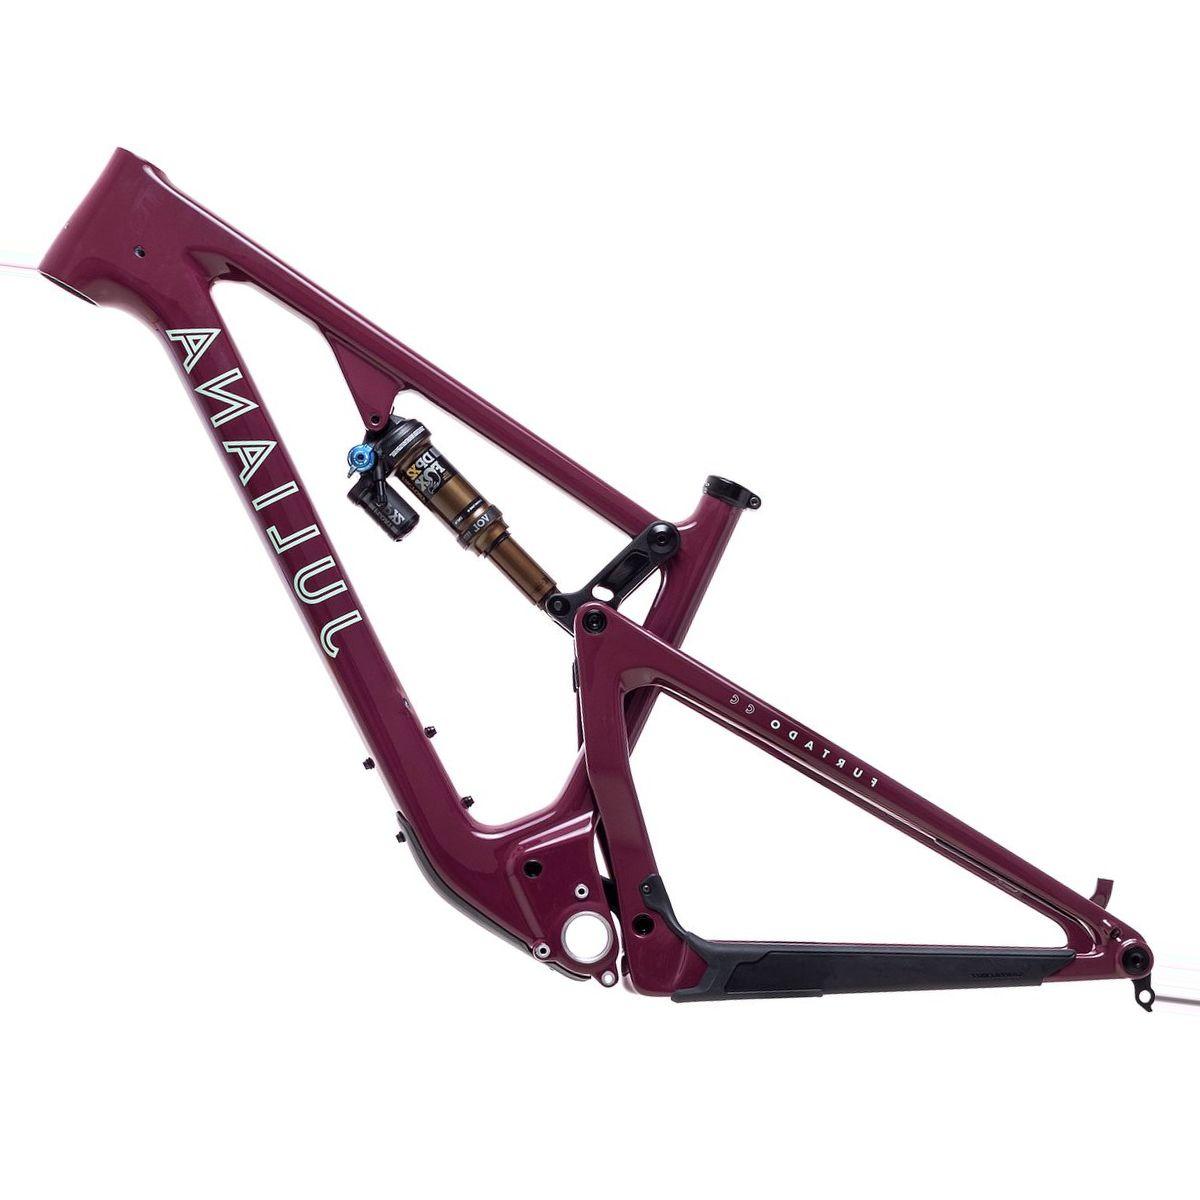 Juliana Furtado Carbon CC Mountain Bike Frame - Women's